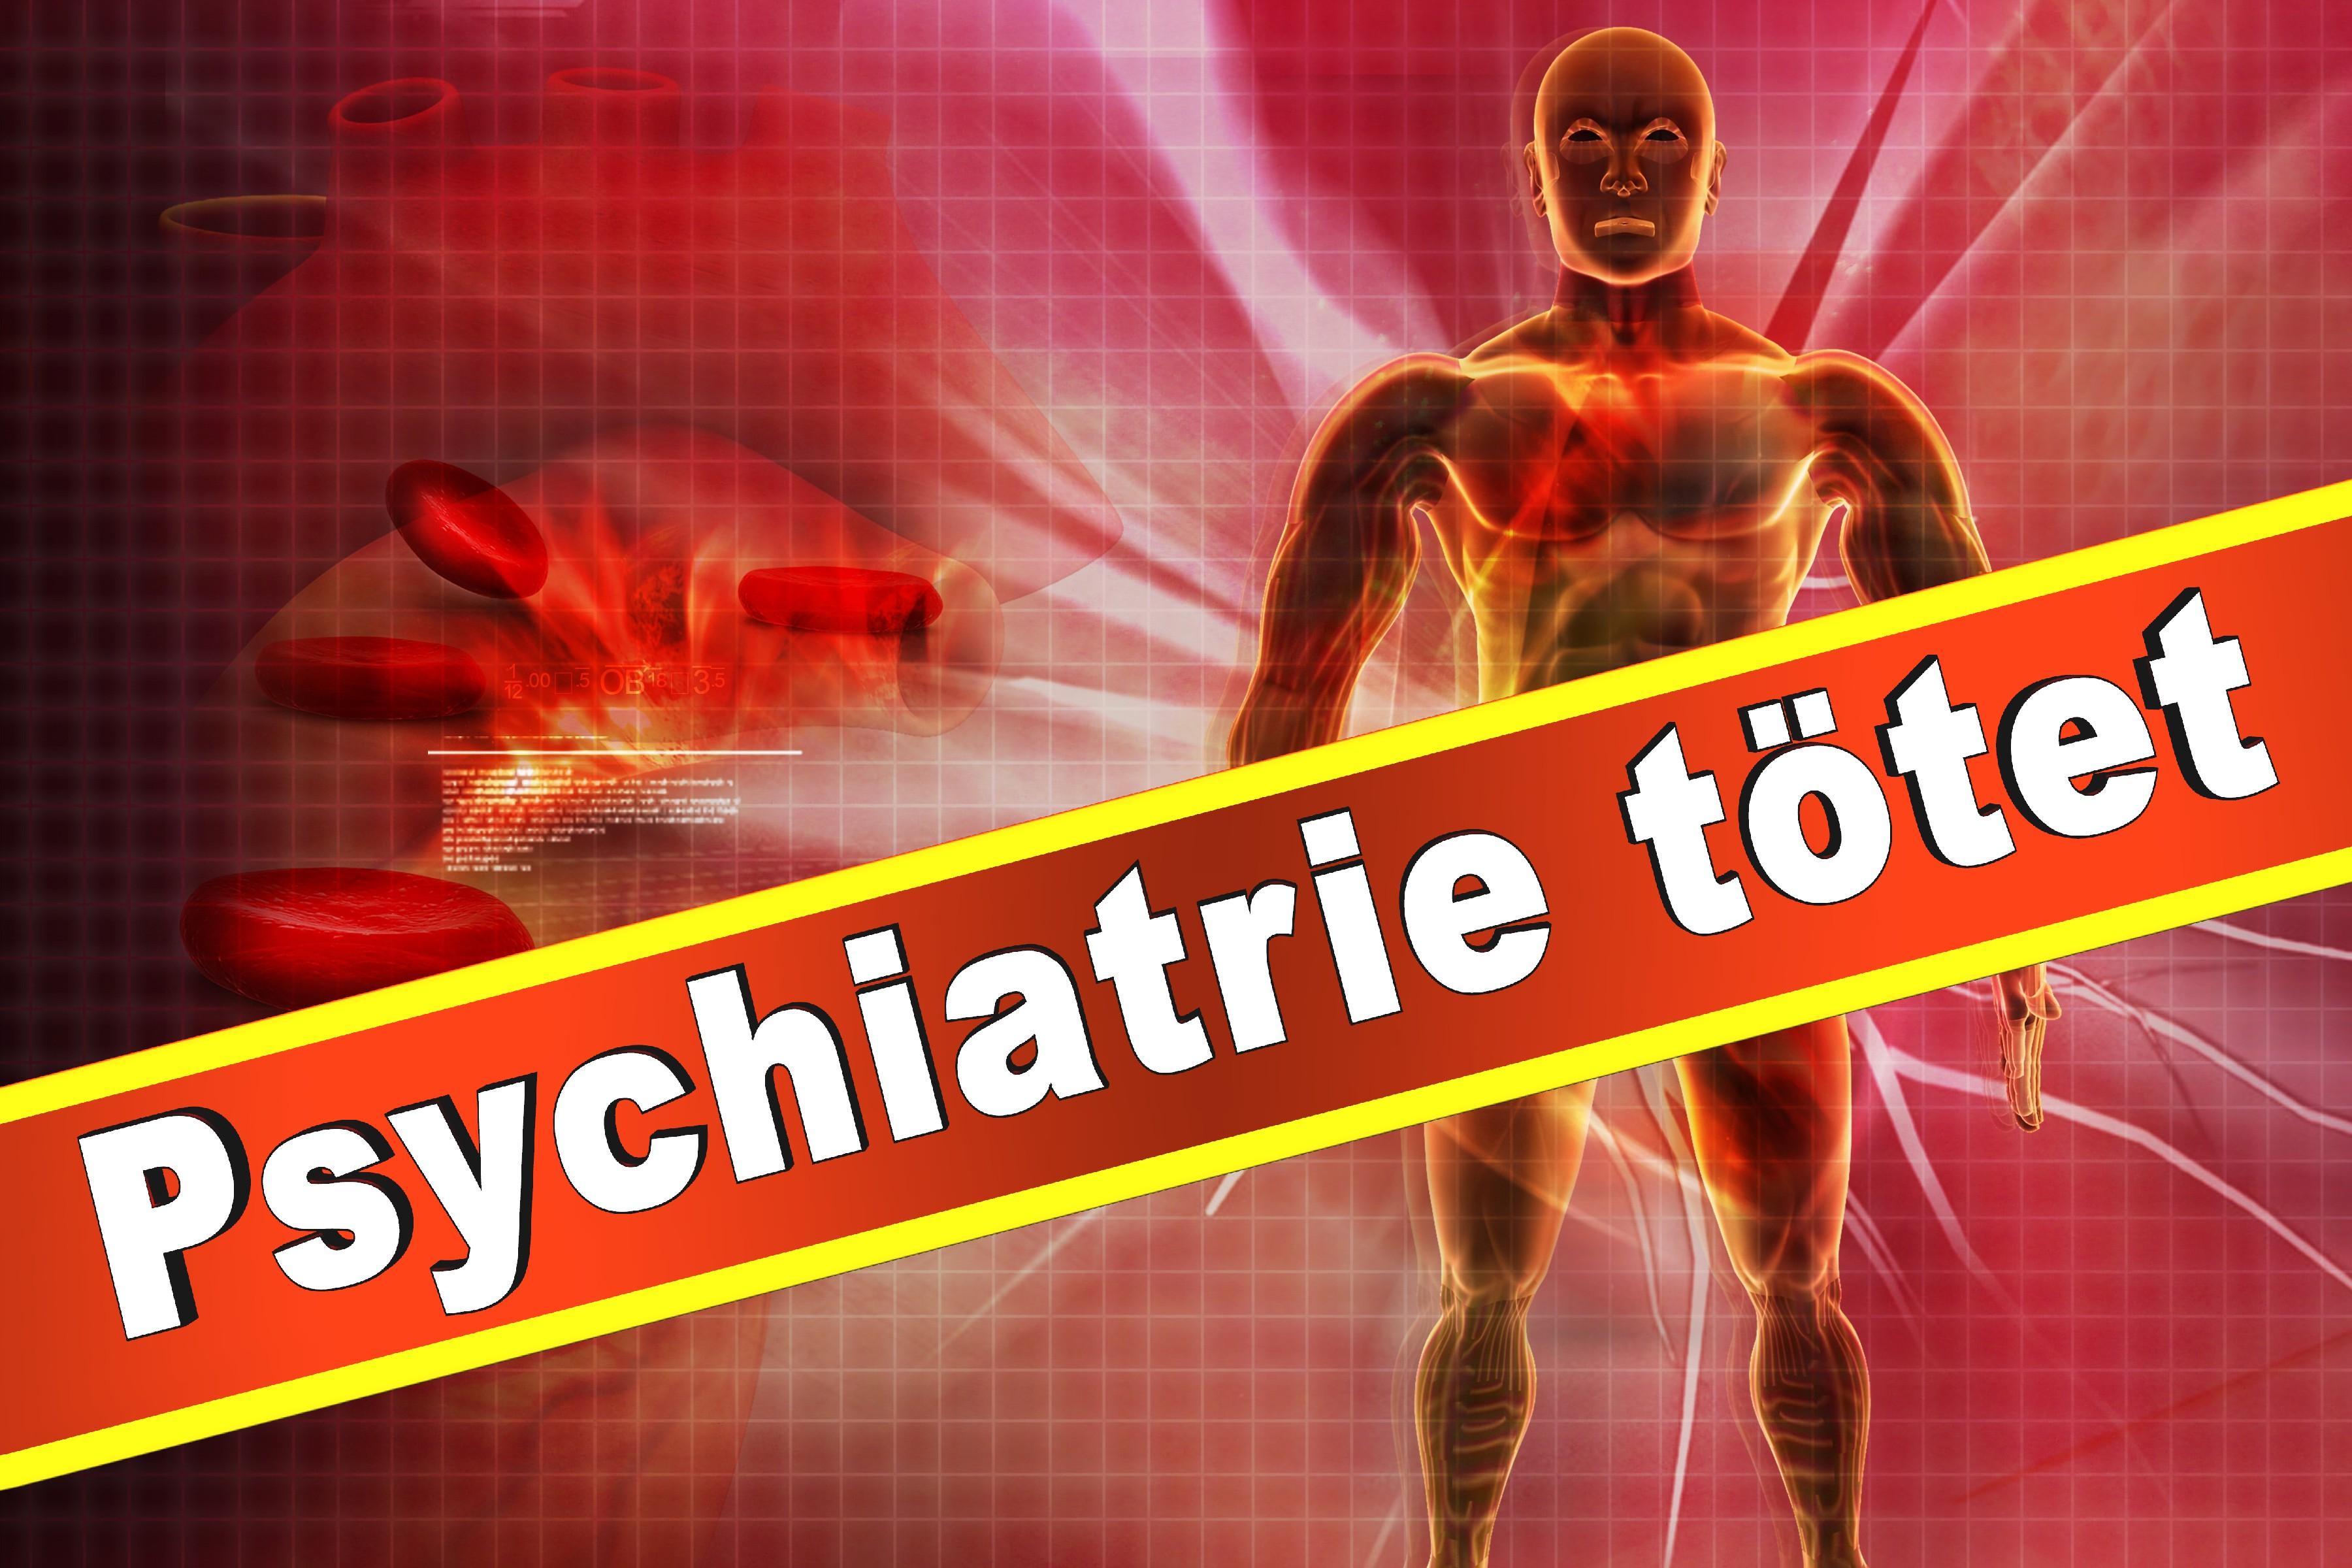 Carl Ernst Von Schönfeld Tagesklinik Psychiatrie Tod Bethel Psychiater Korruption Gift Zwangspsychiatrie Unterbringung (17)